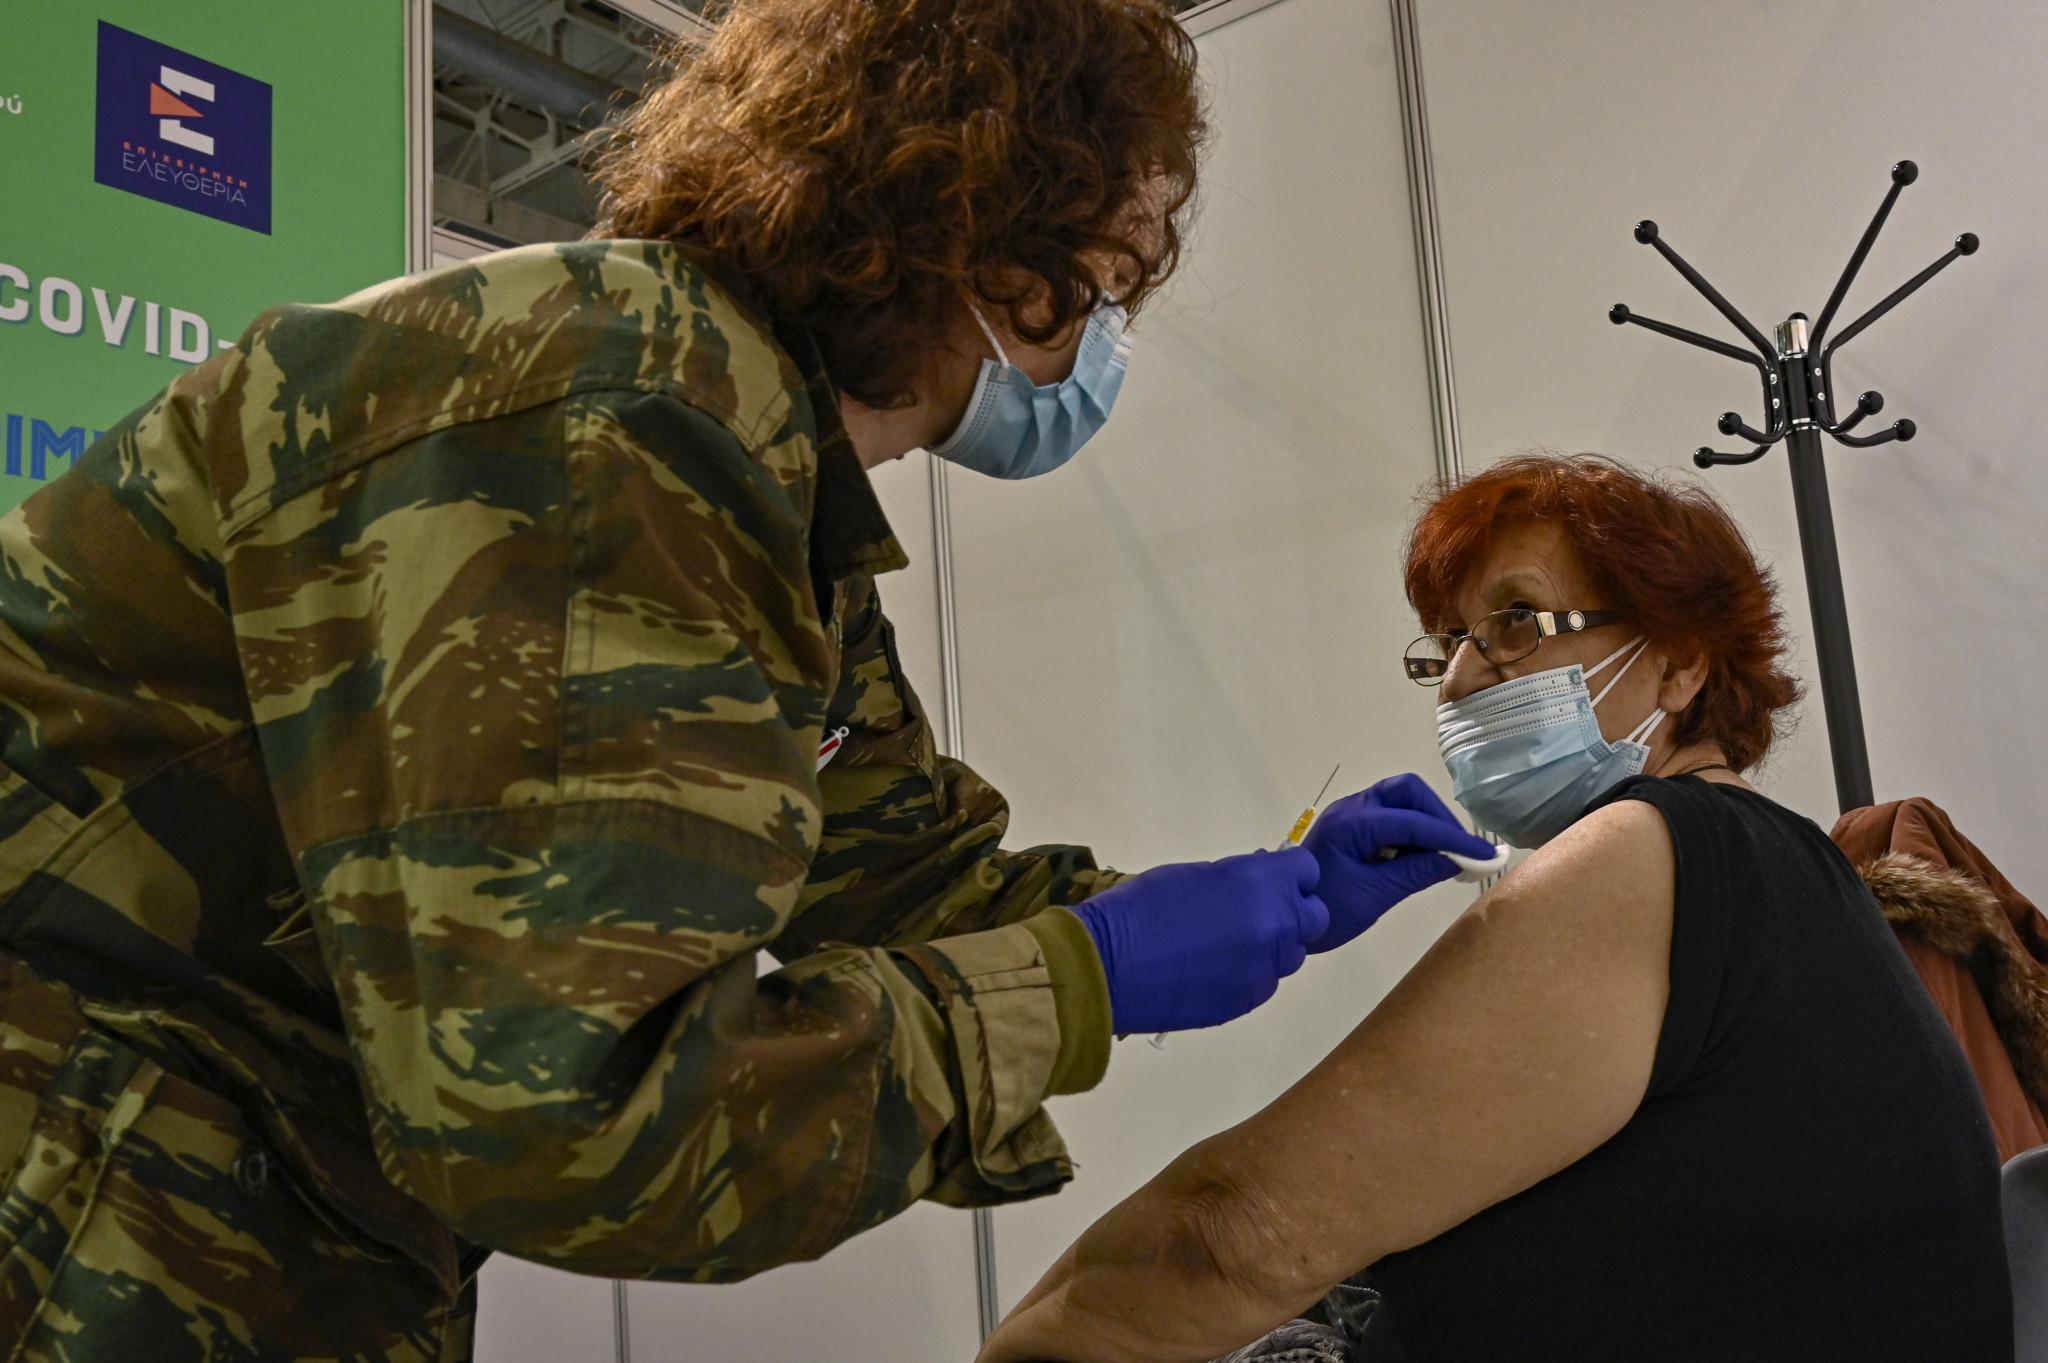 Περισσότερο από το 12% των Ελλήνων εμβολιάζονται πλήρως κατά του COVID-19 © Getty Images